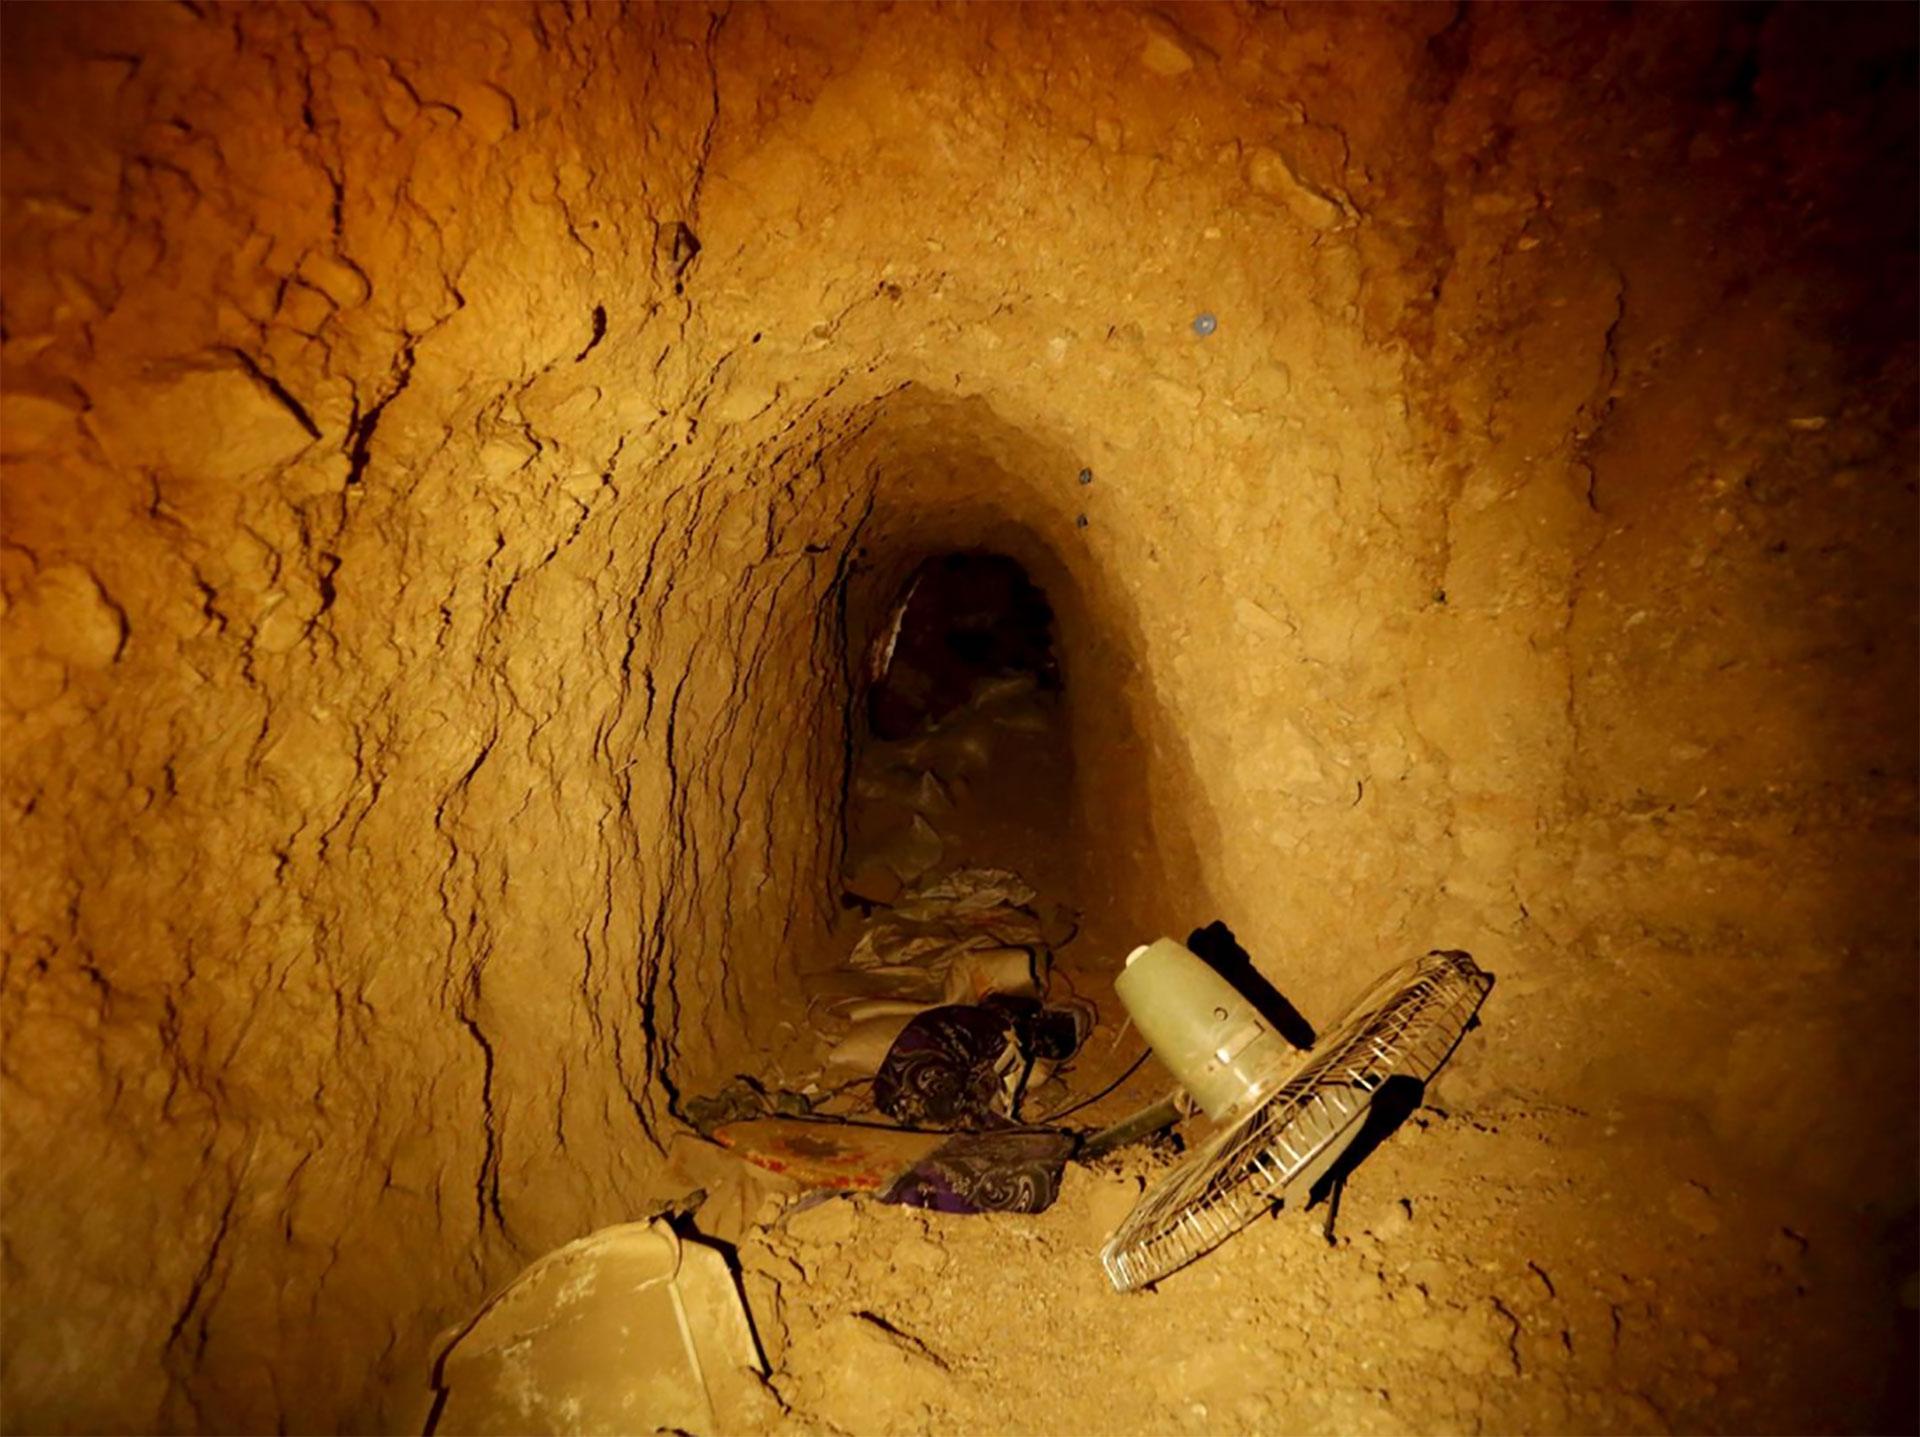 En el tramo de túnel revisado por las tropas se encontraron ventiladores, ropa y mantas, entre otros artículos